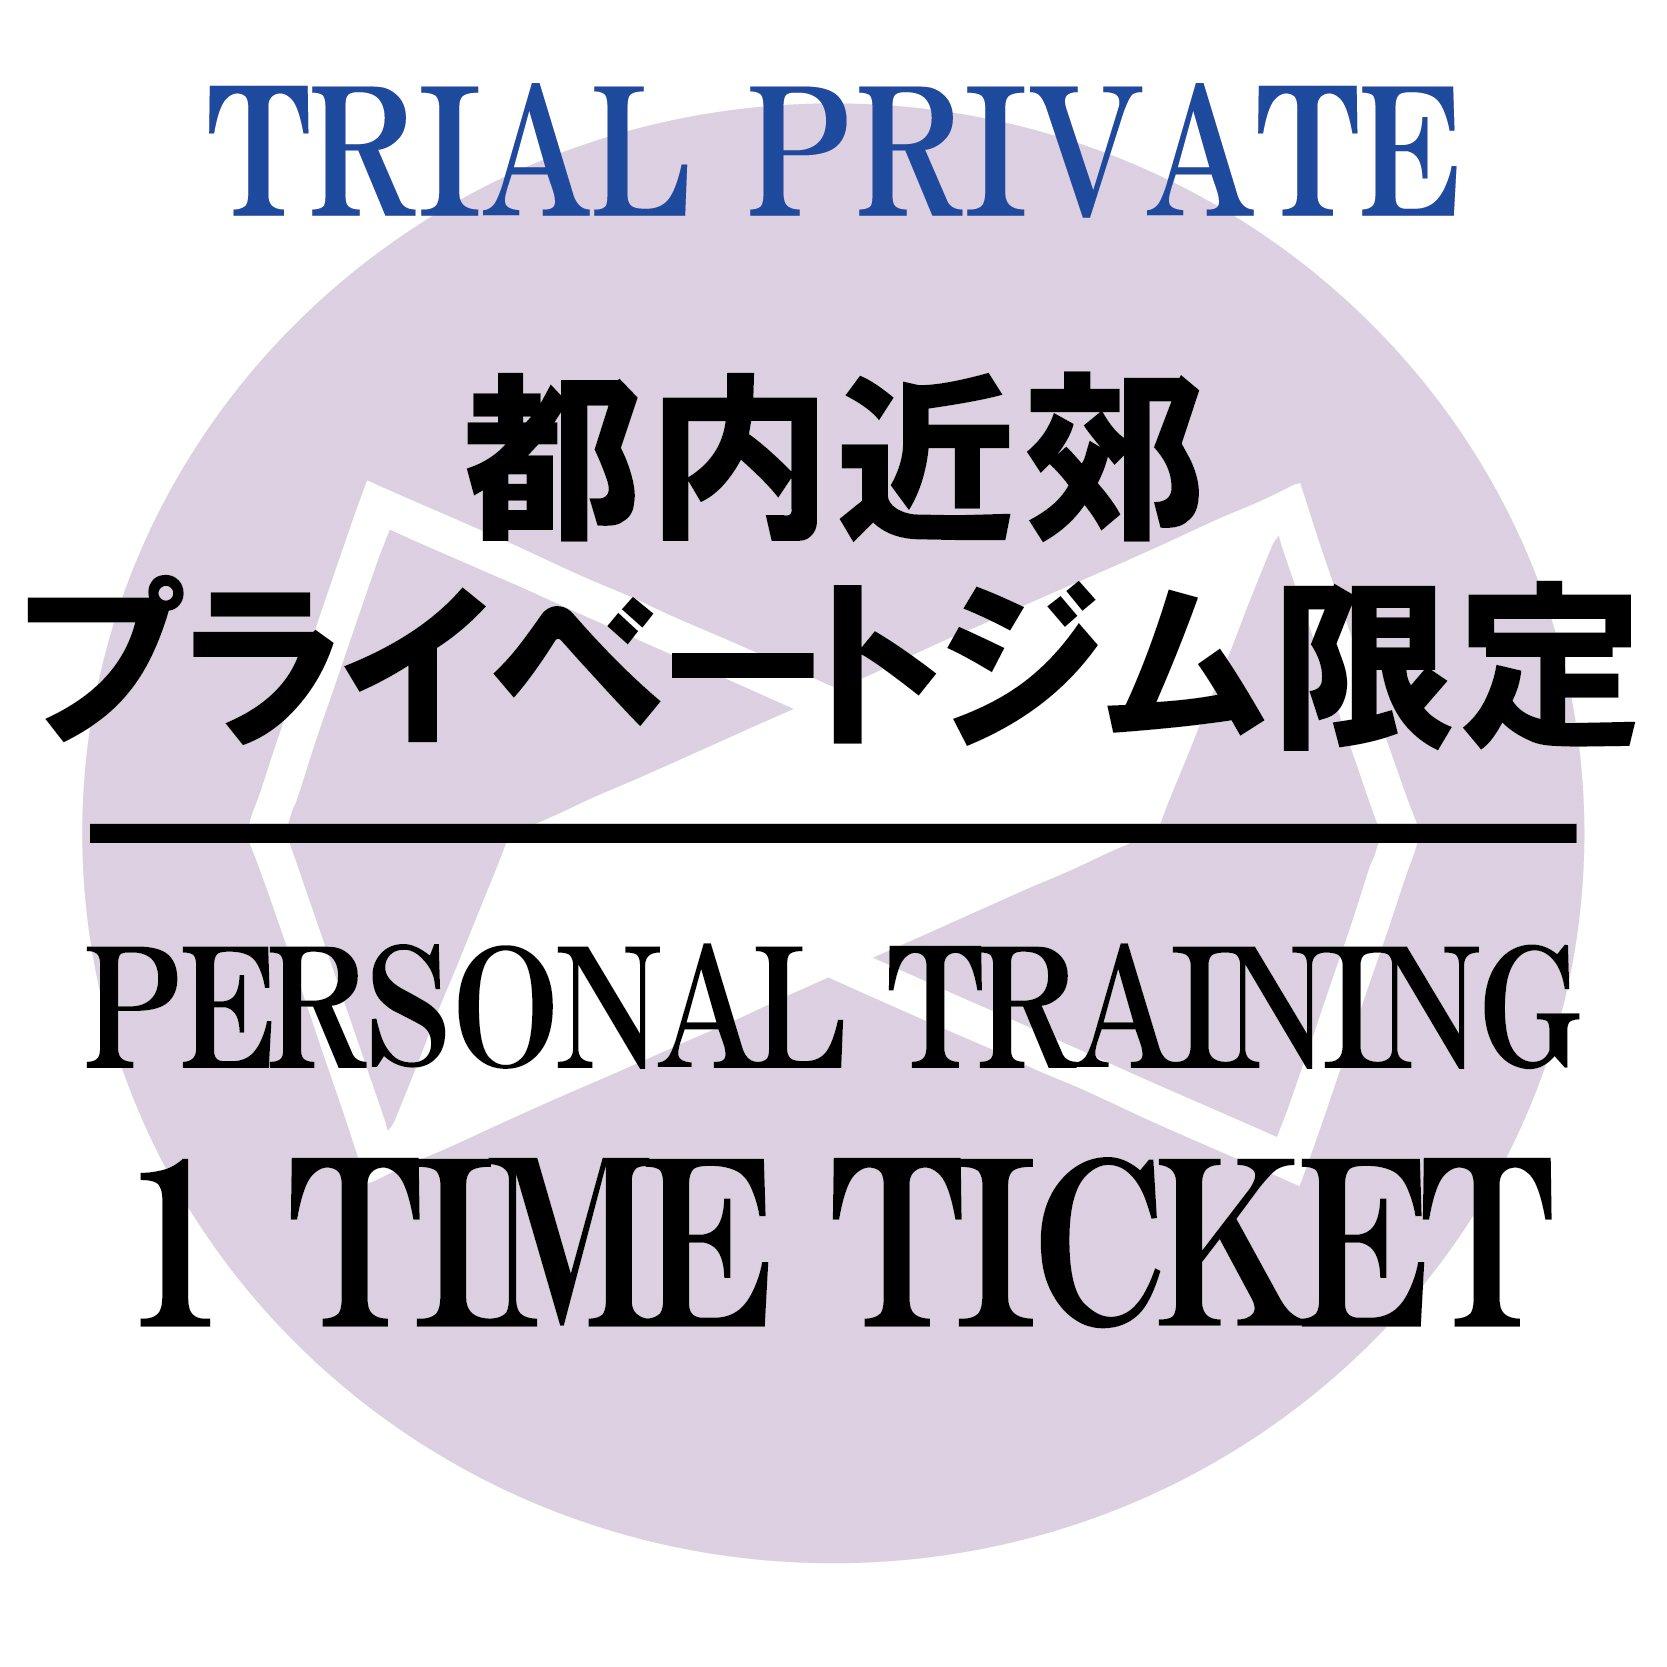 パーソナルトレーニング60分1回チケット〜PRIVATE TRIAL〜[プライベートジム限定]のイメージその1